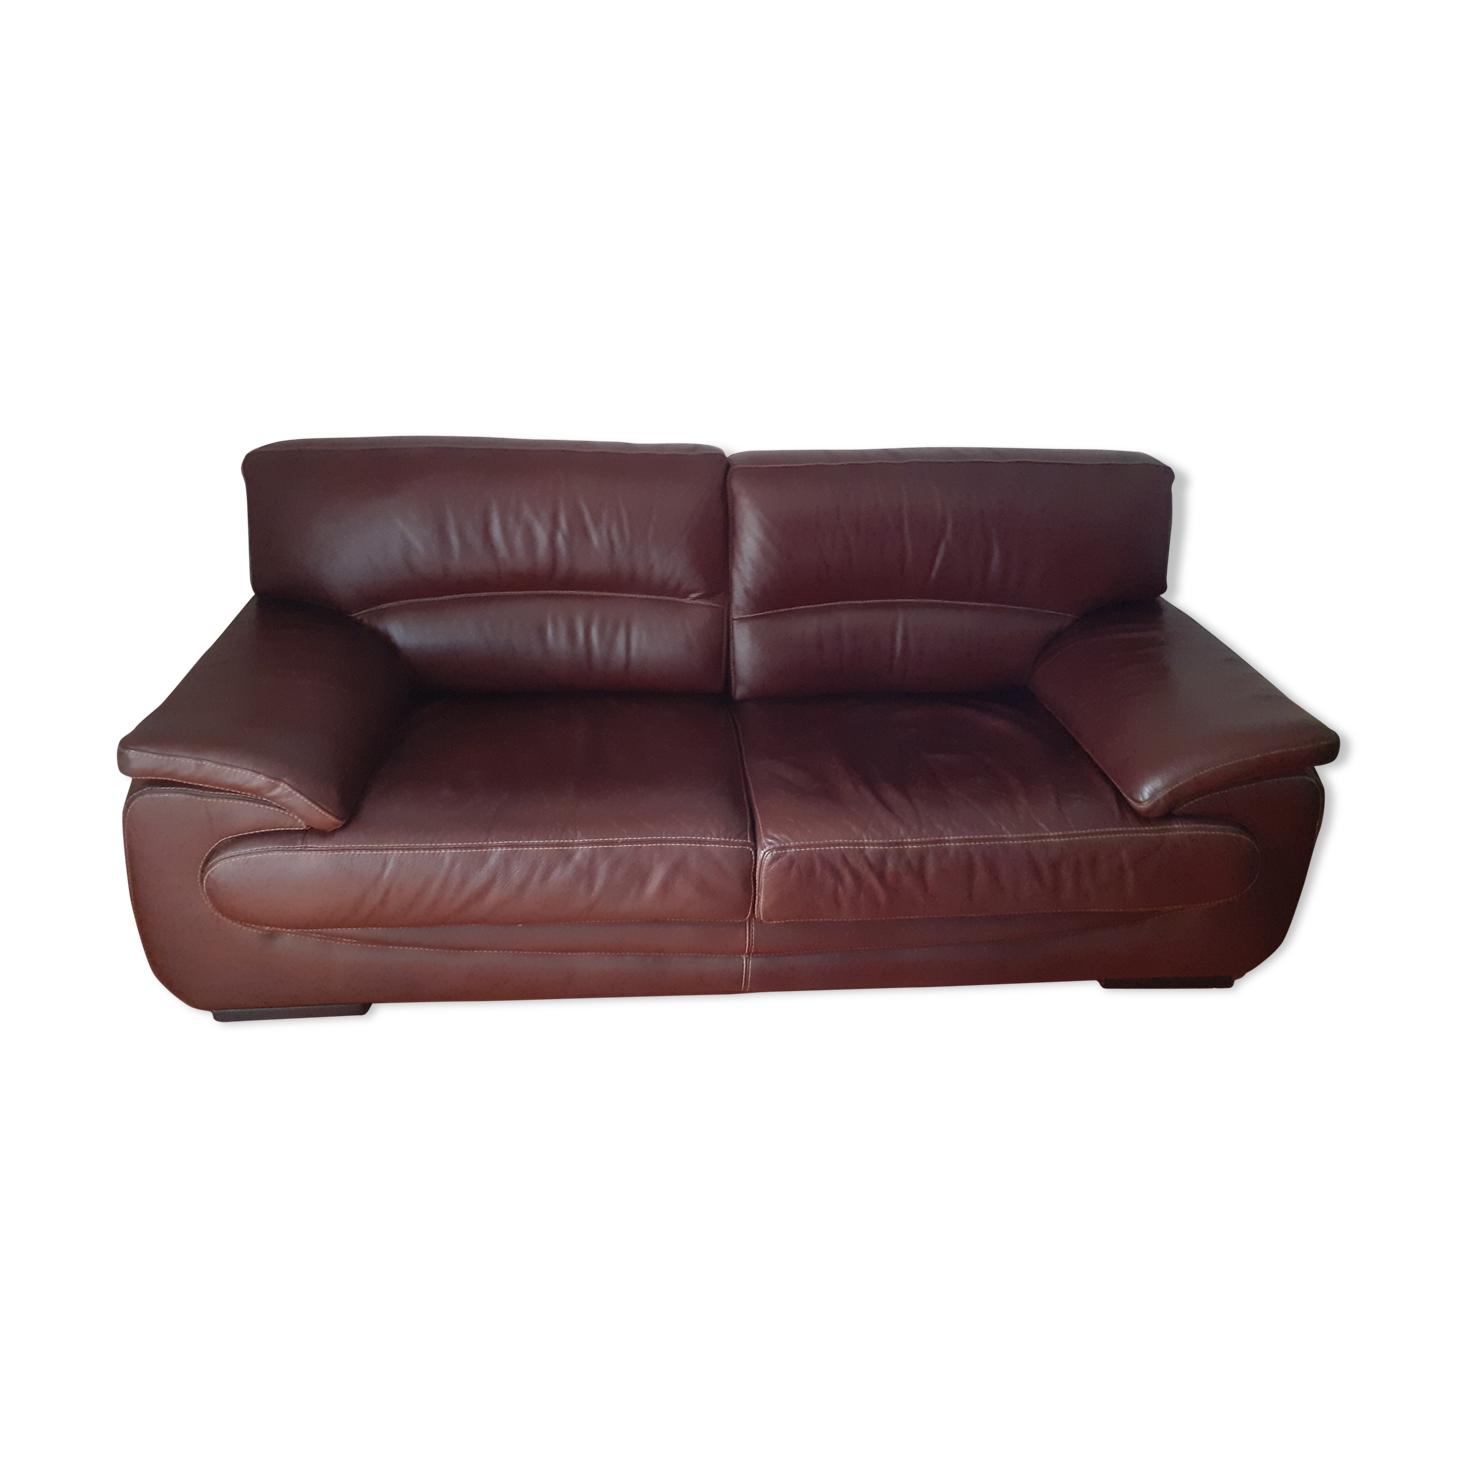 Canapé cuir mobilier de France